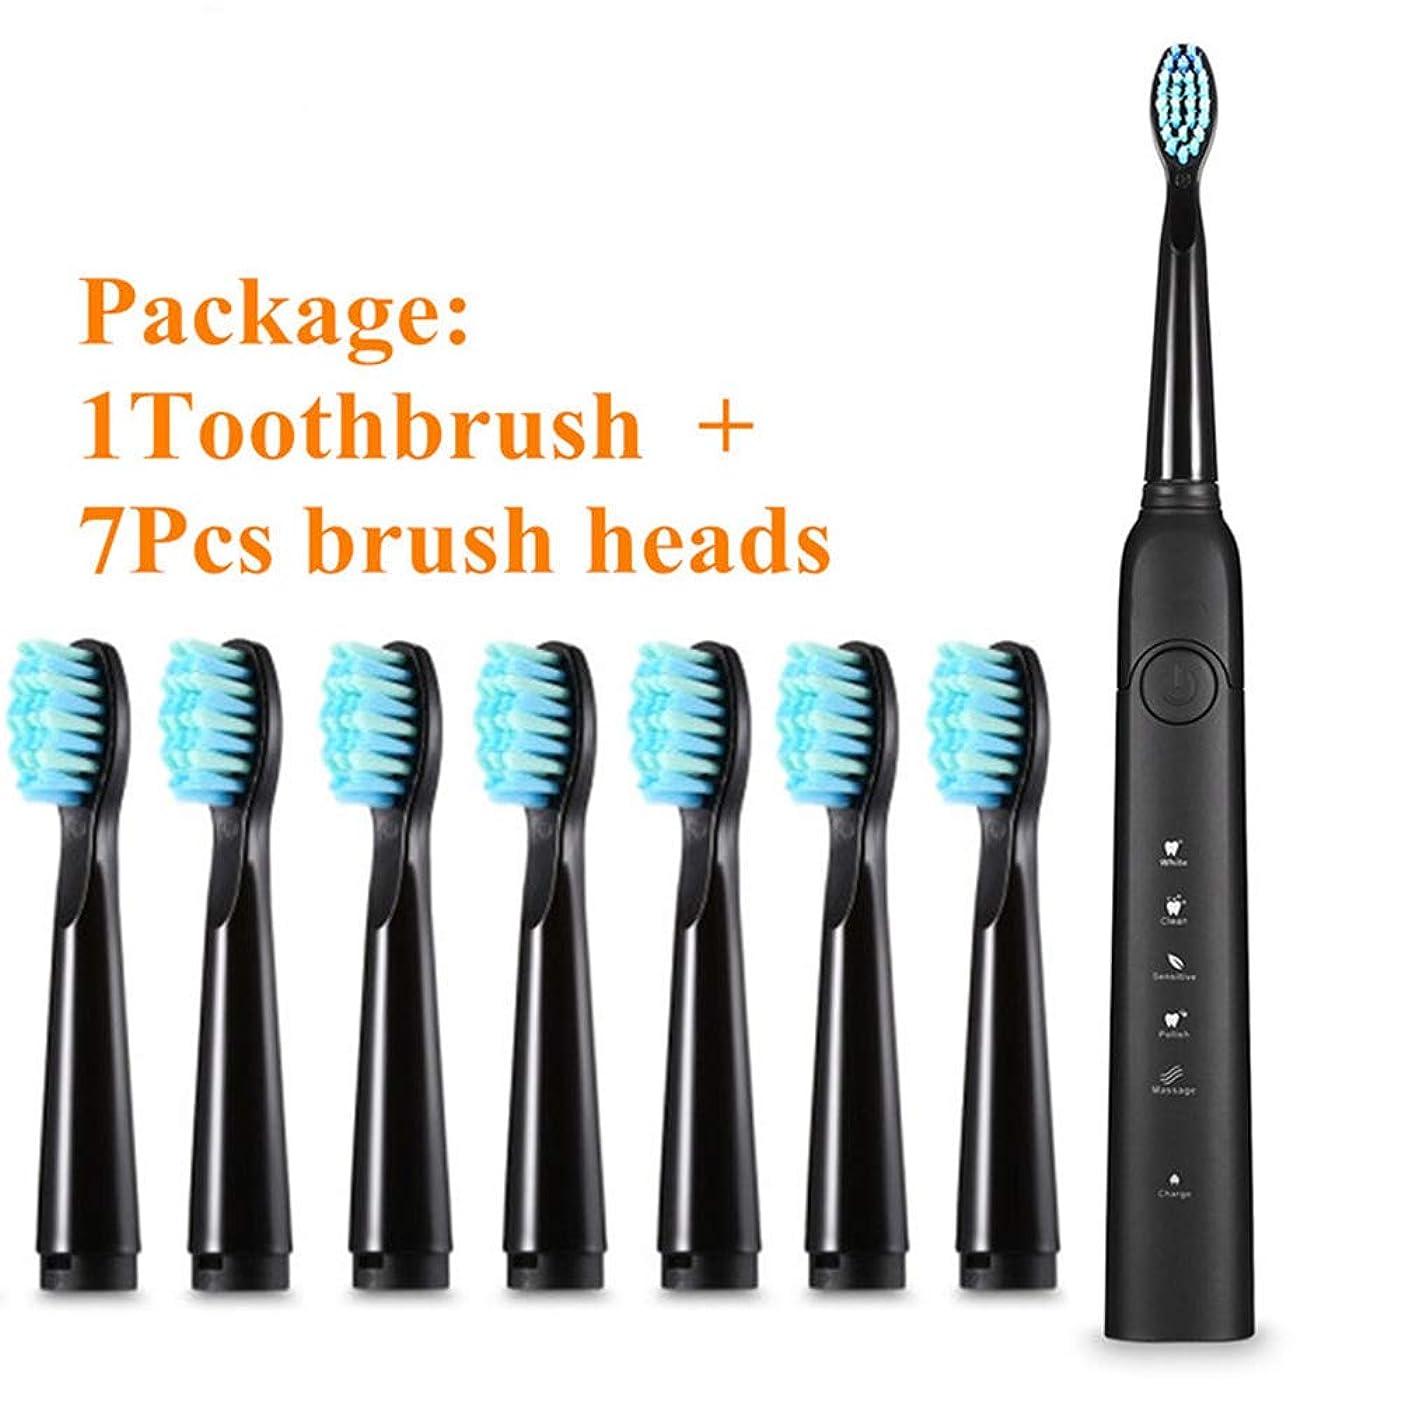 優れましたポスト印象派赤面電動ソニック歯ブラシUSB充電式防水電動歯ブラシ、7つのブラシヘッド付きスマートタイマー歯ブラシ